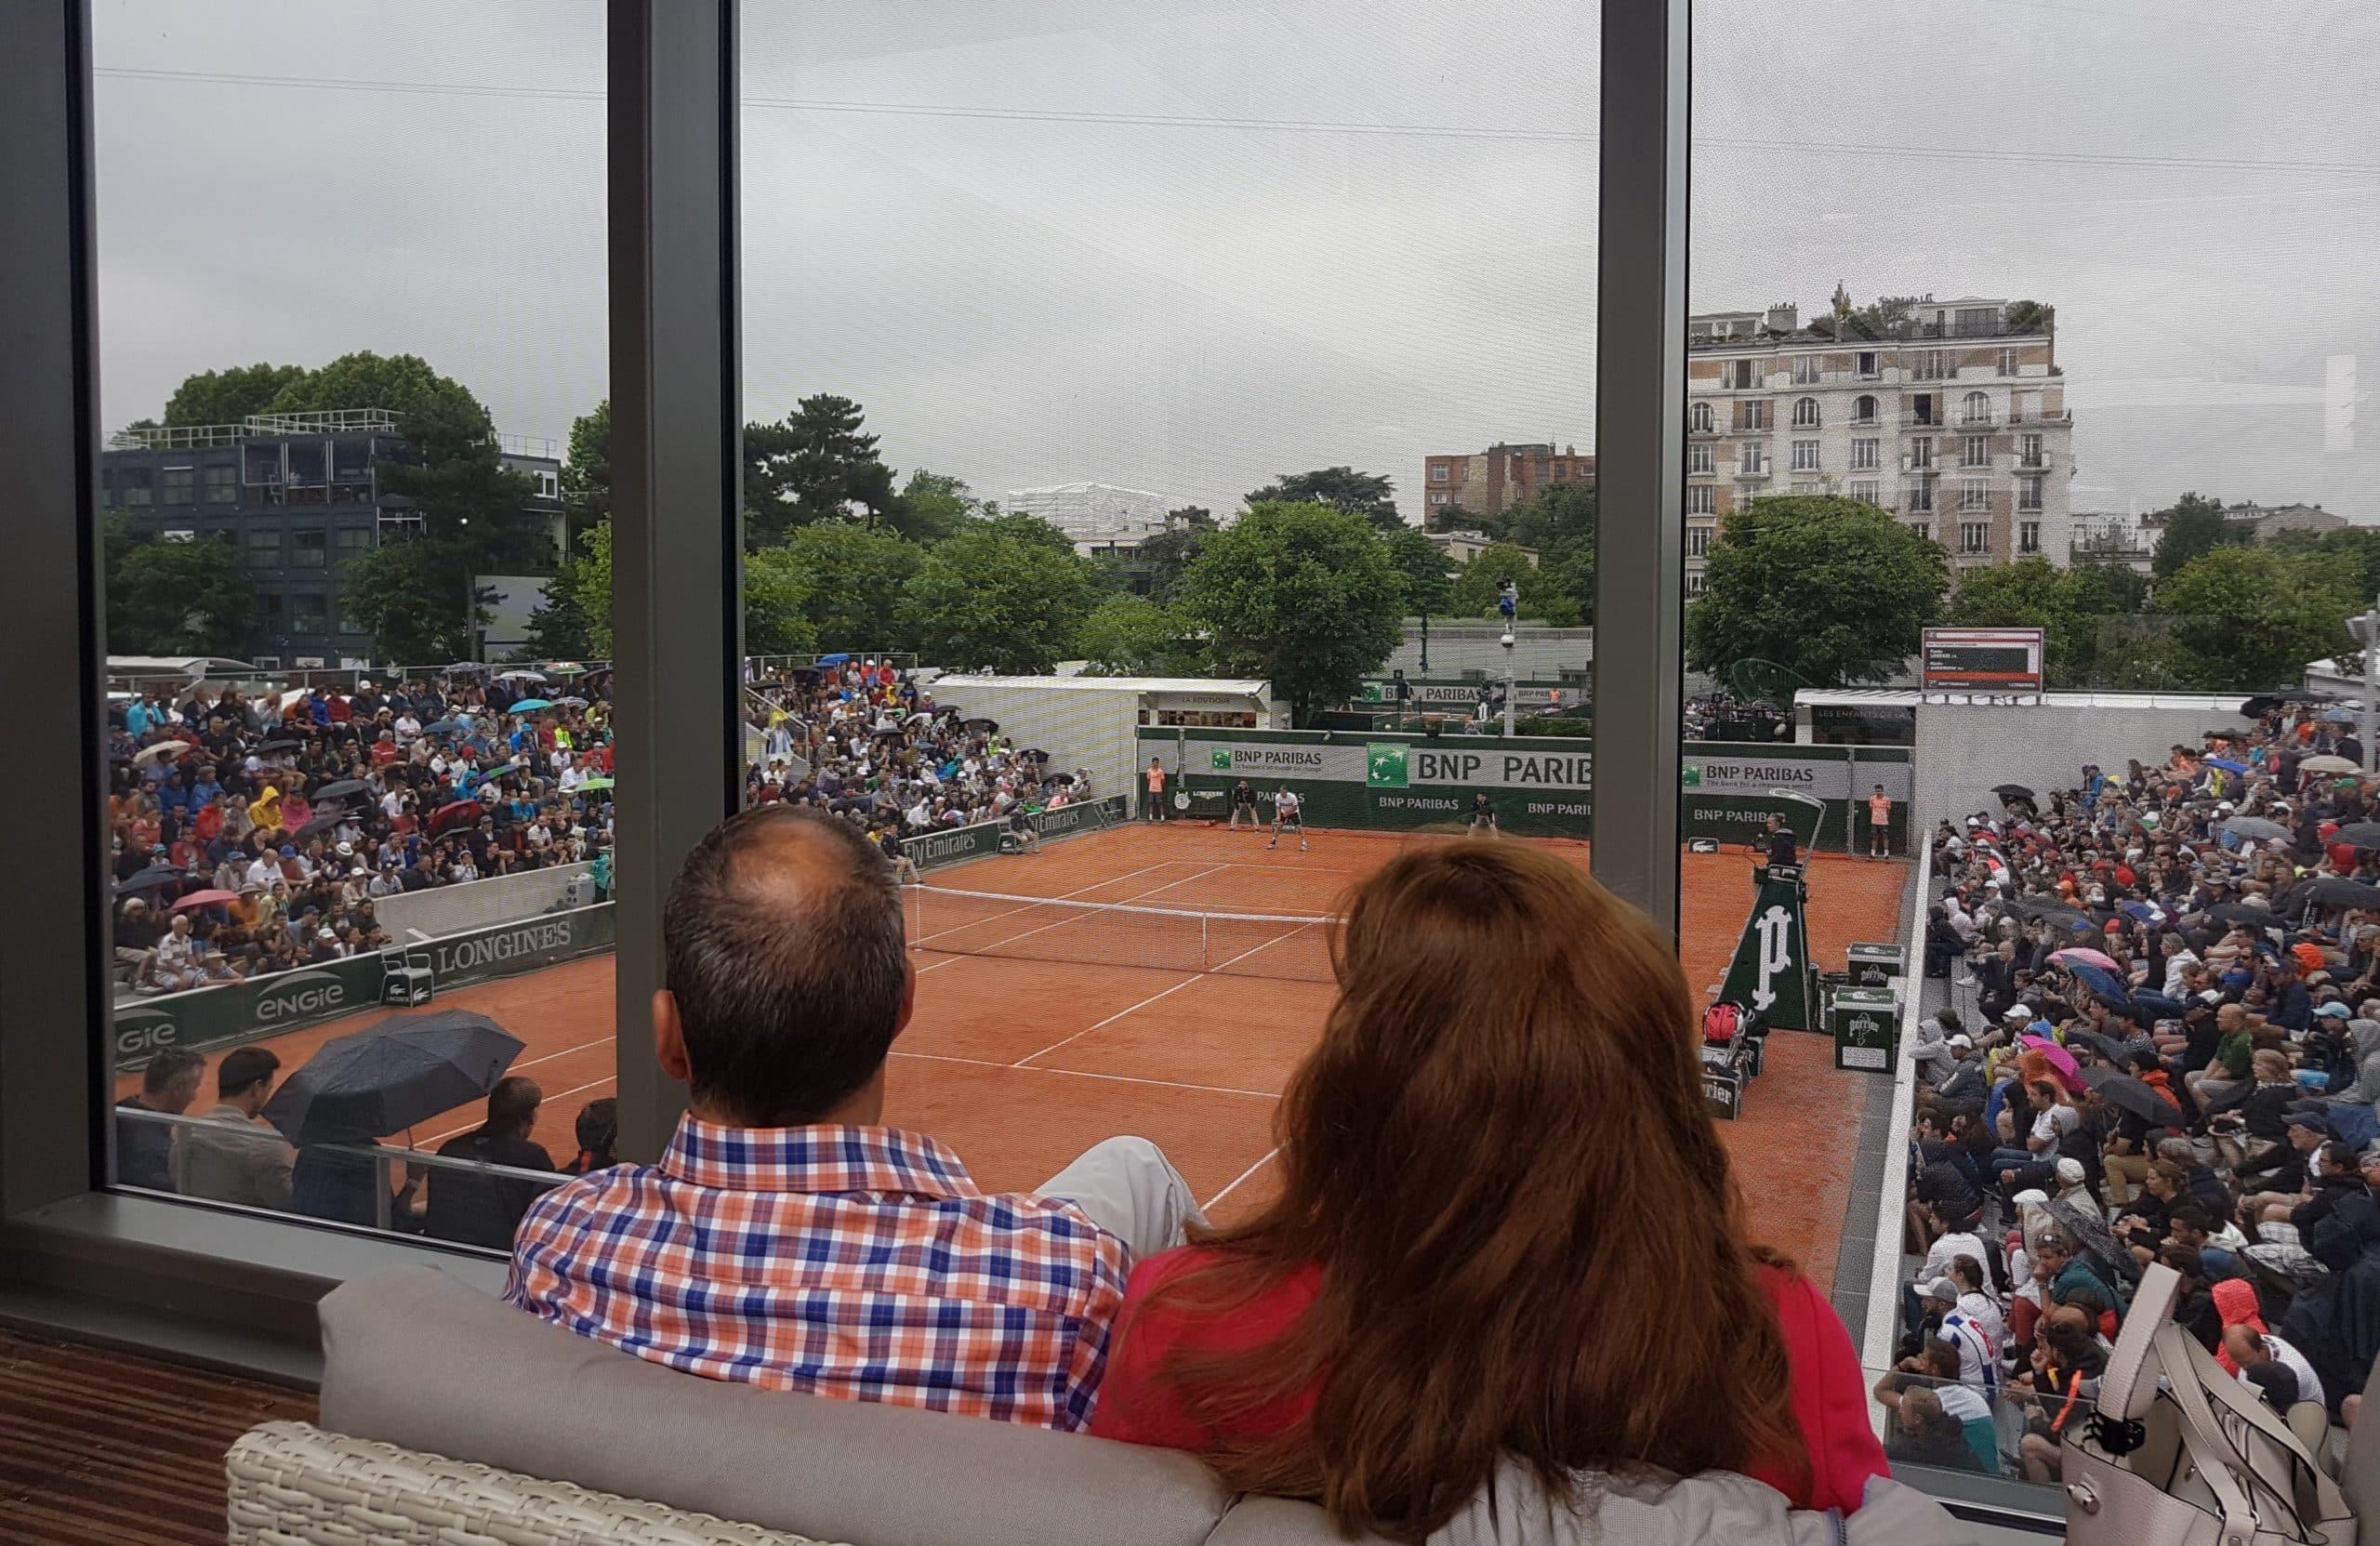 Fake TV et vrai point de vue sur le court n°7. Les terrasses du Village permettent de voir sans être vu.